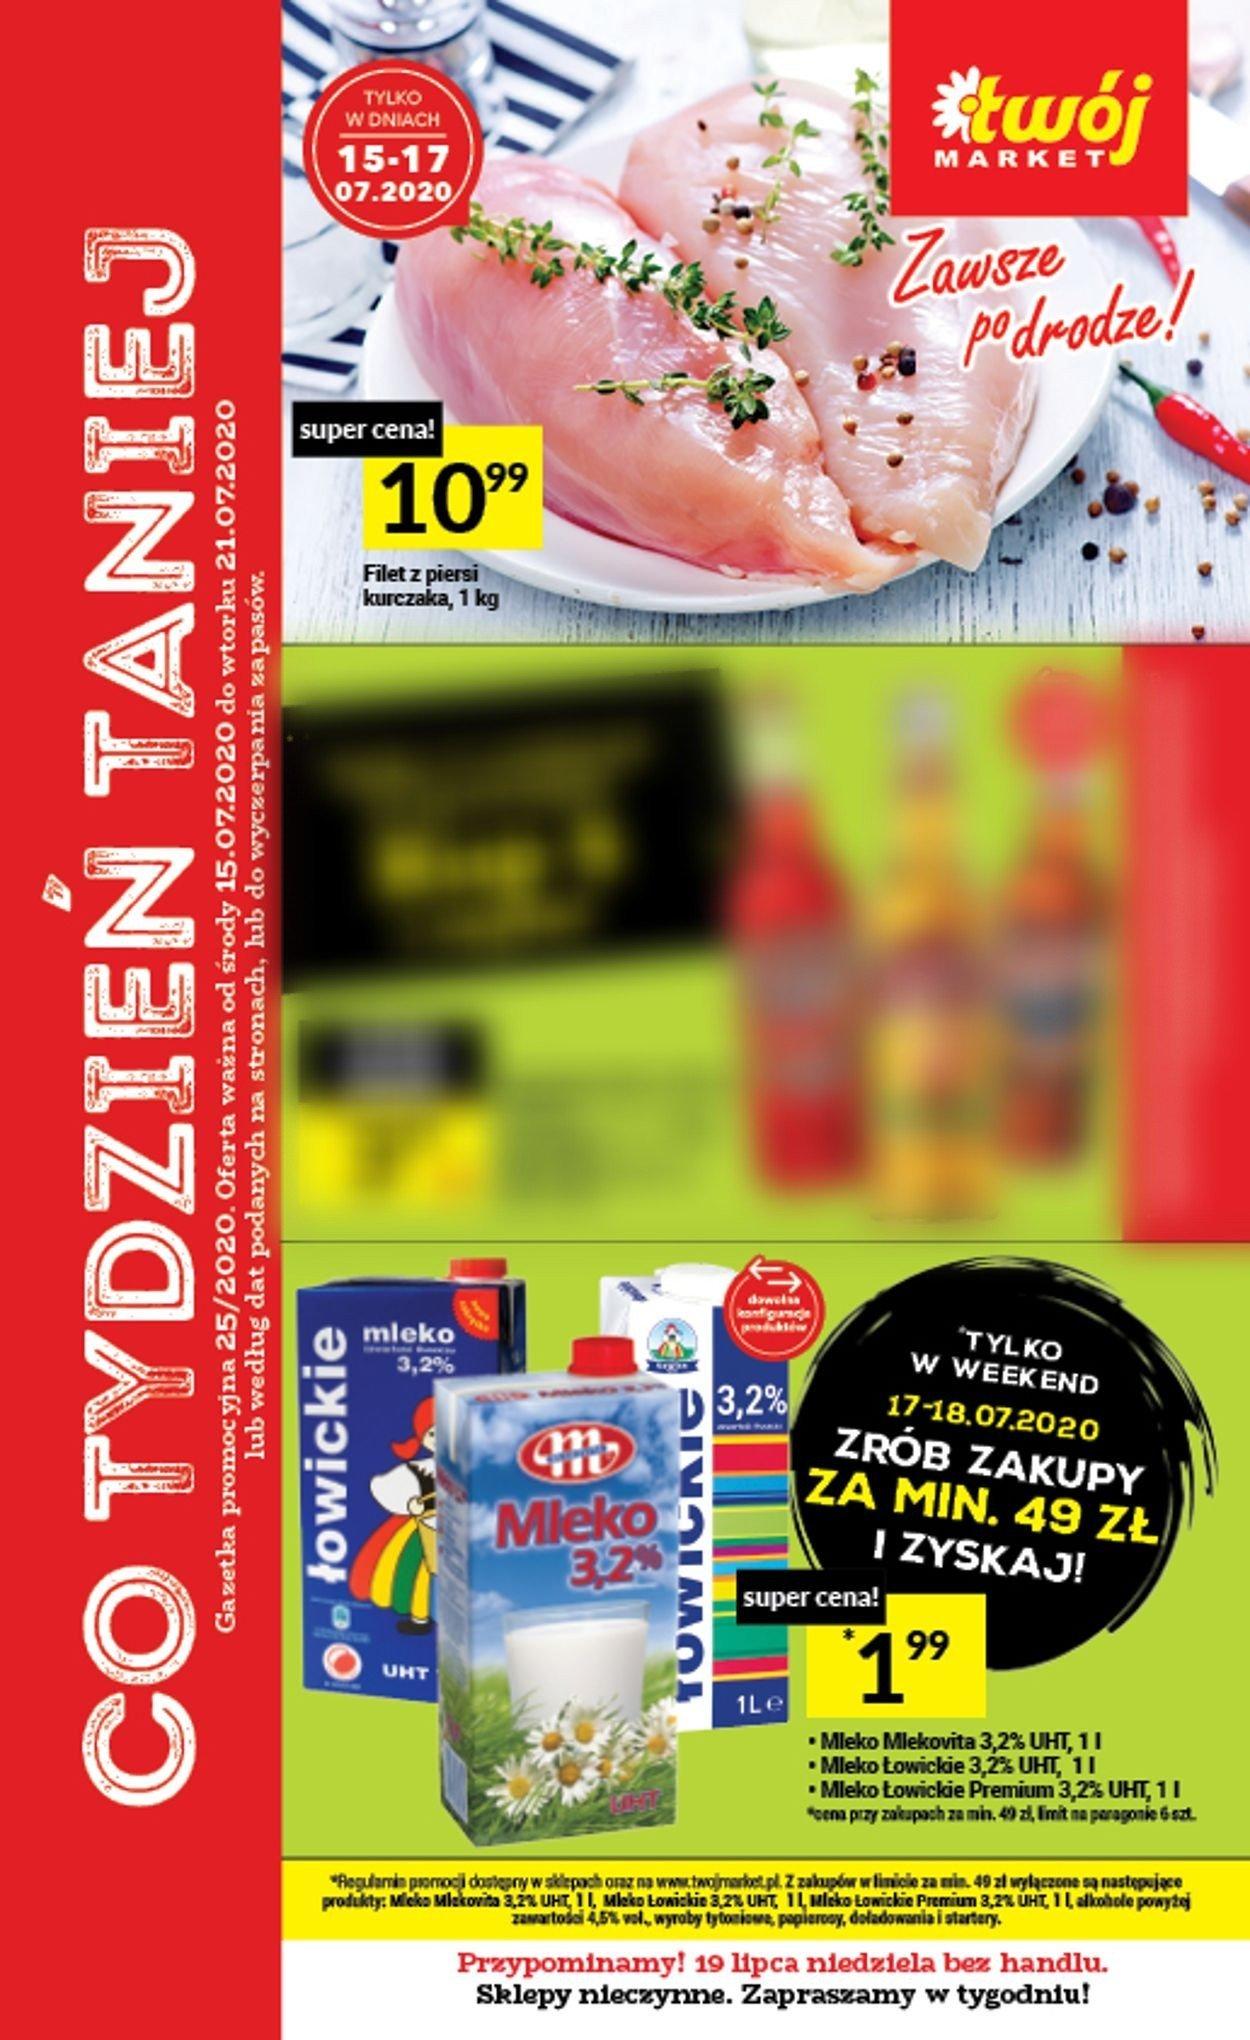 Gazetka promocyjna Twój Market - 15.07-21.07.2020